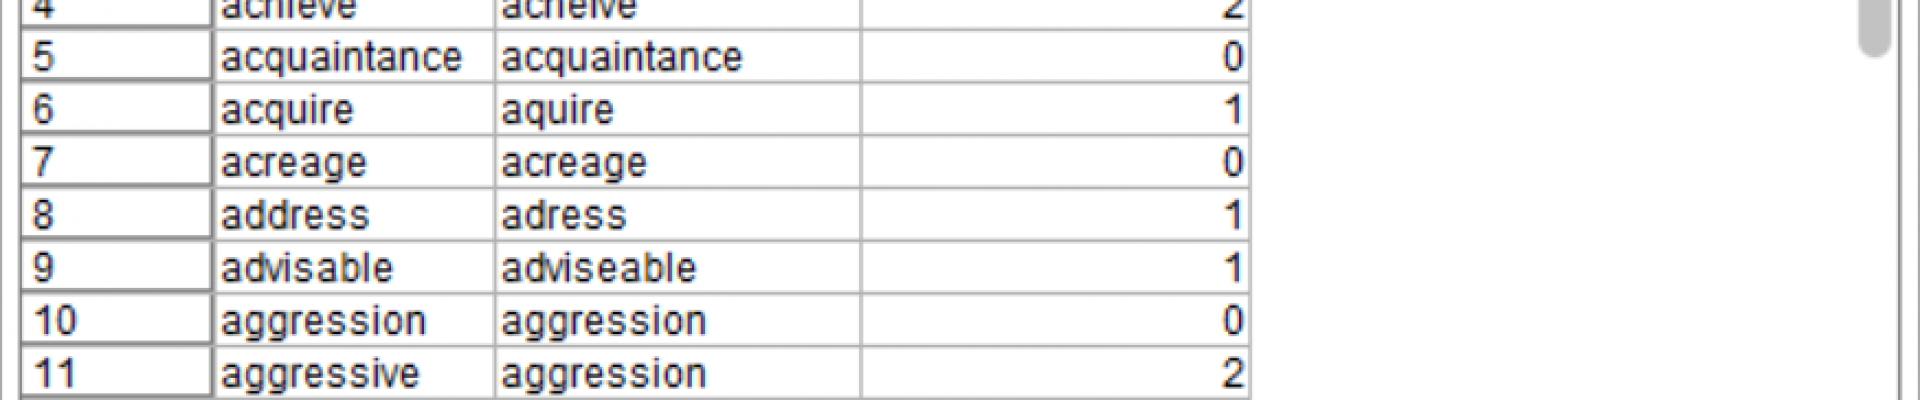 Rysunek 6. Wynik z węzła Tabela zawierający wyliczoną odległość Levensteina